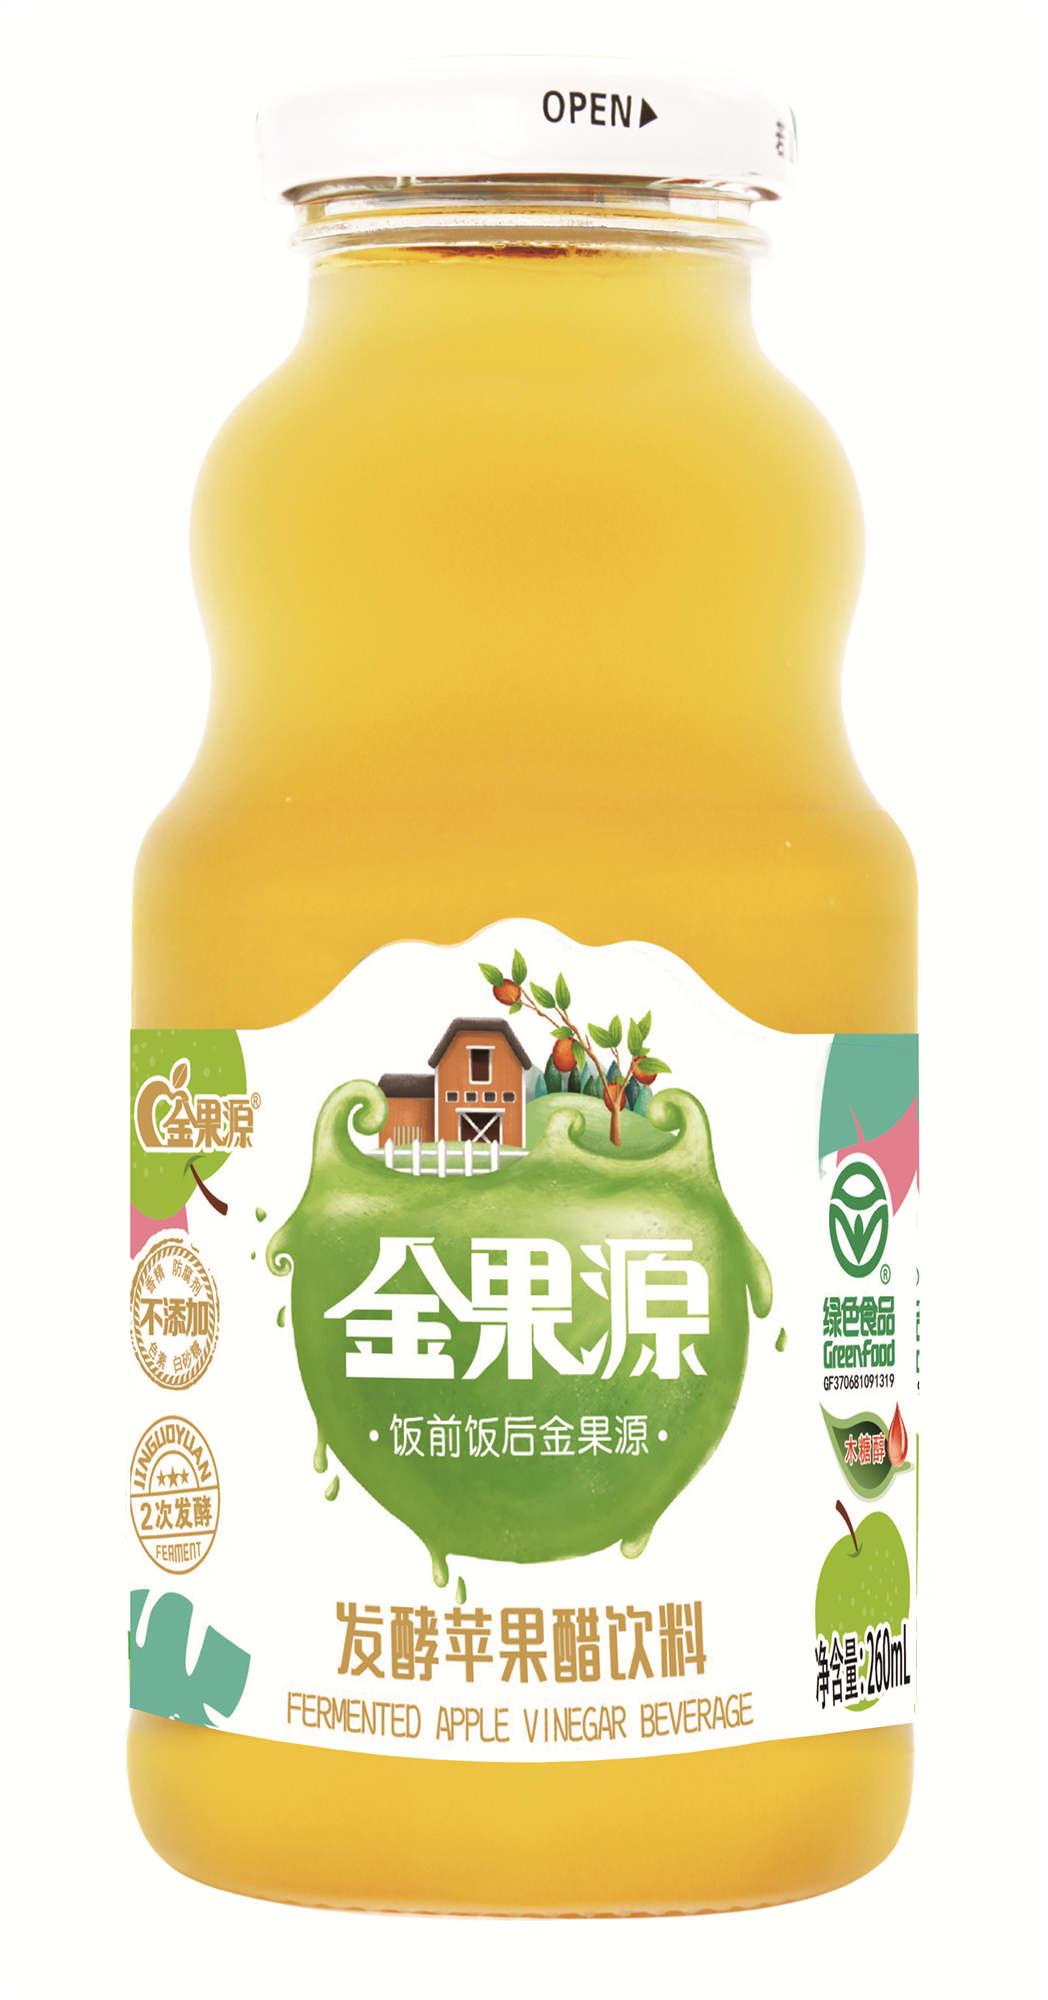 吉林新品苹果醋粉零售价 高销量「金果源供」